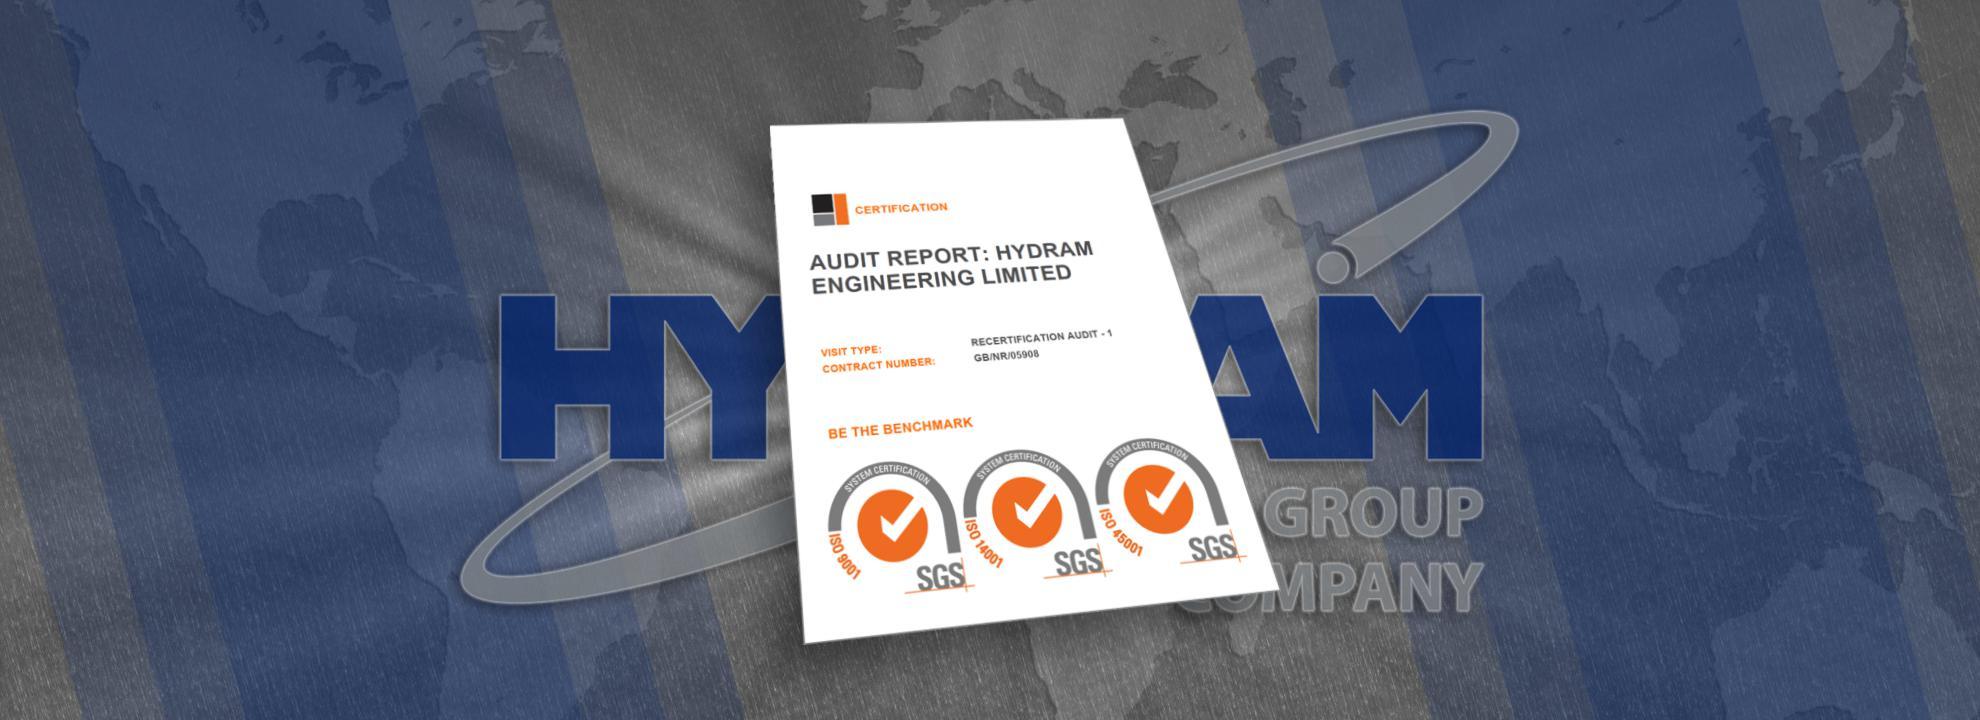 Hydram SGS audit report